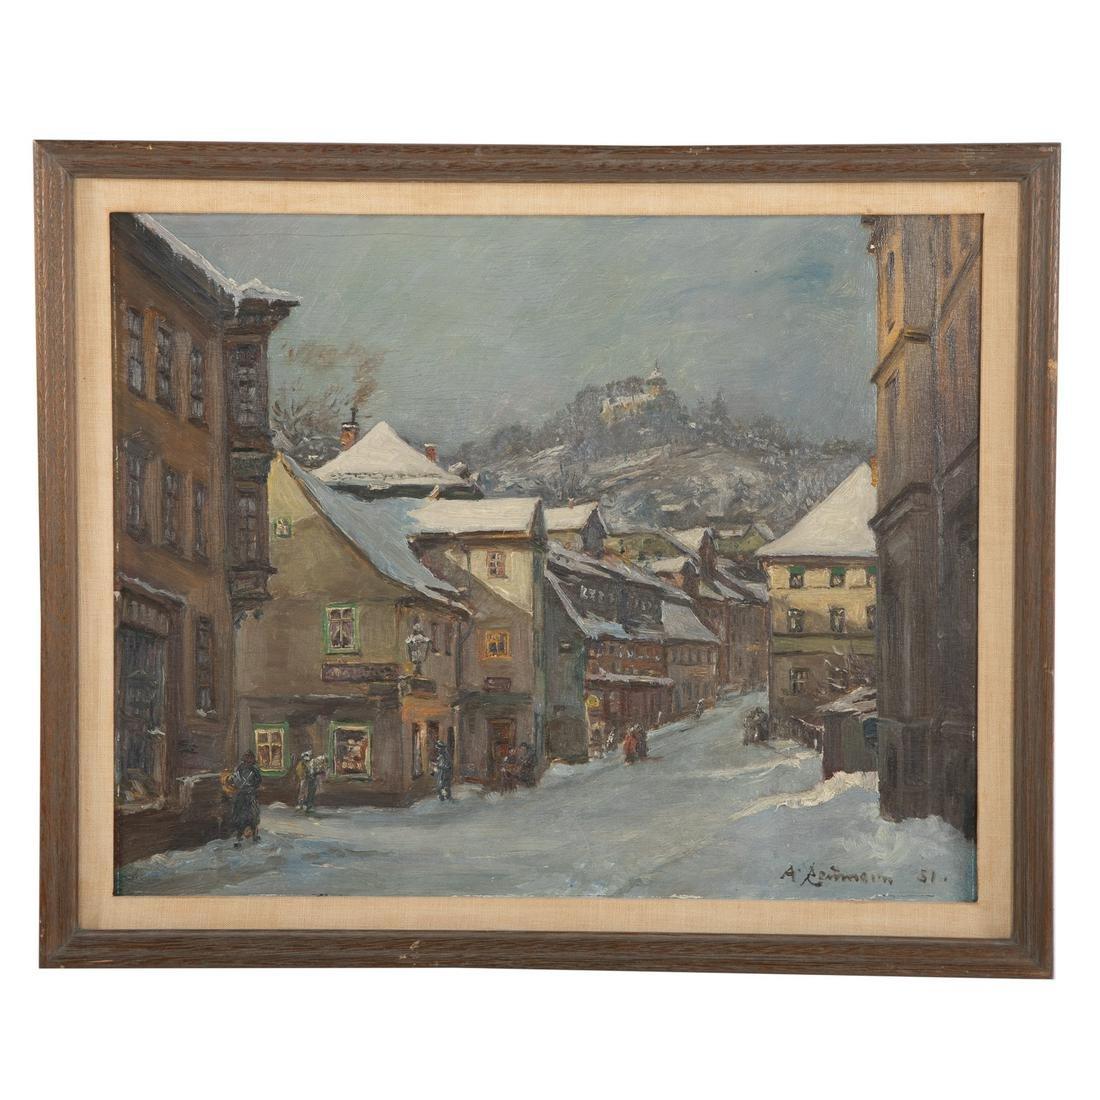 Armin Reumann. Village Street In Winter